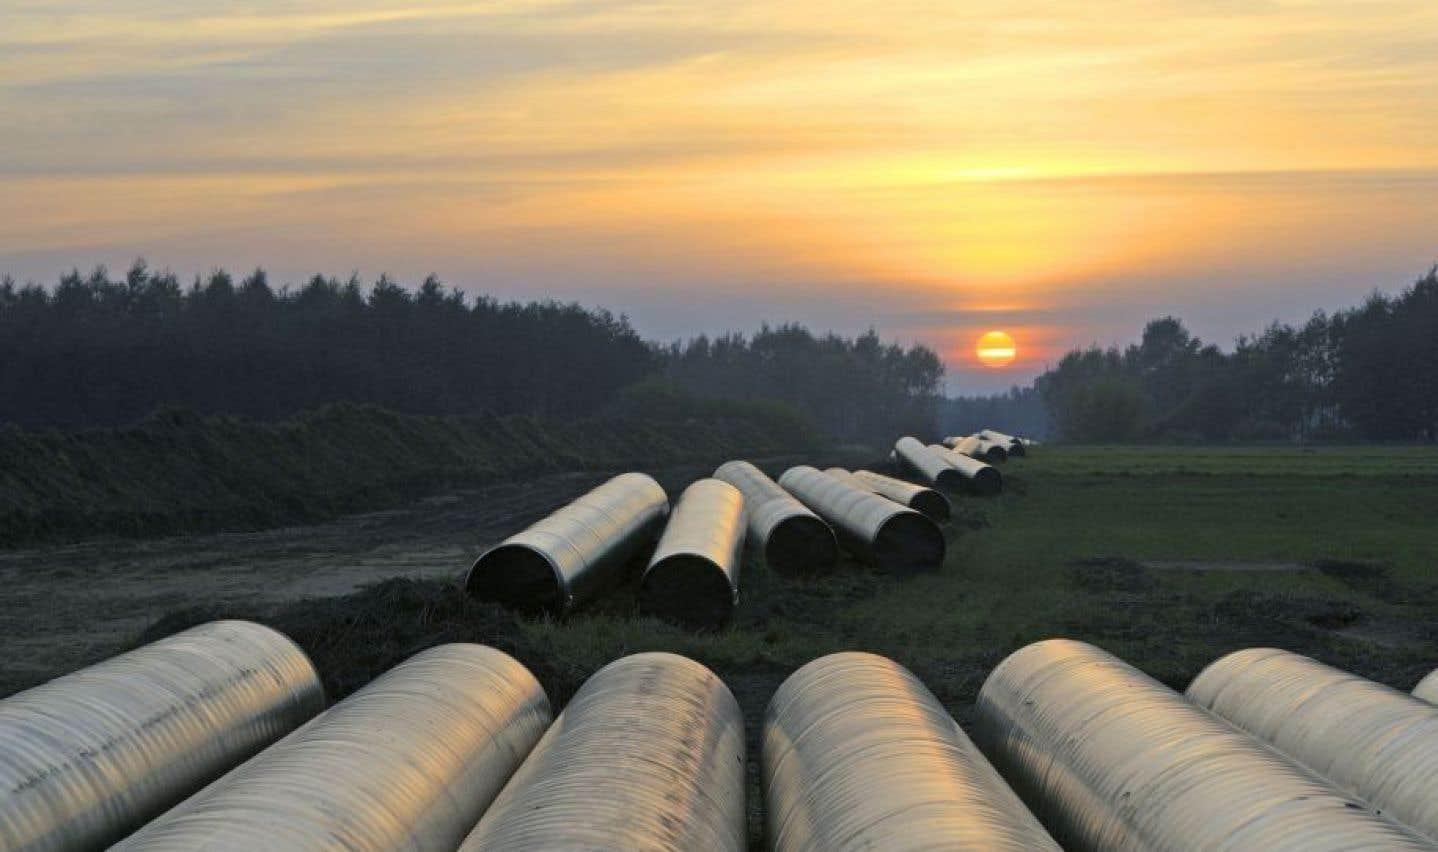 Réforme de l'ONE:3 des 5 membres du comité proches de l'industrie des pipelines